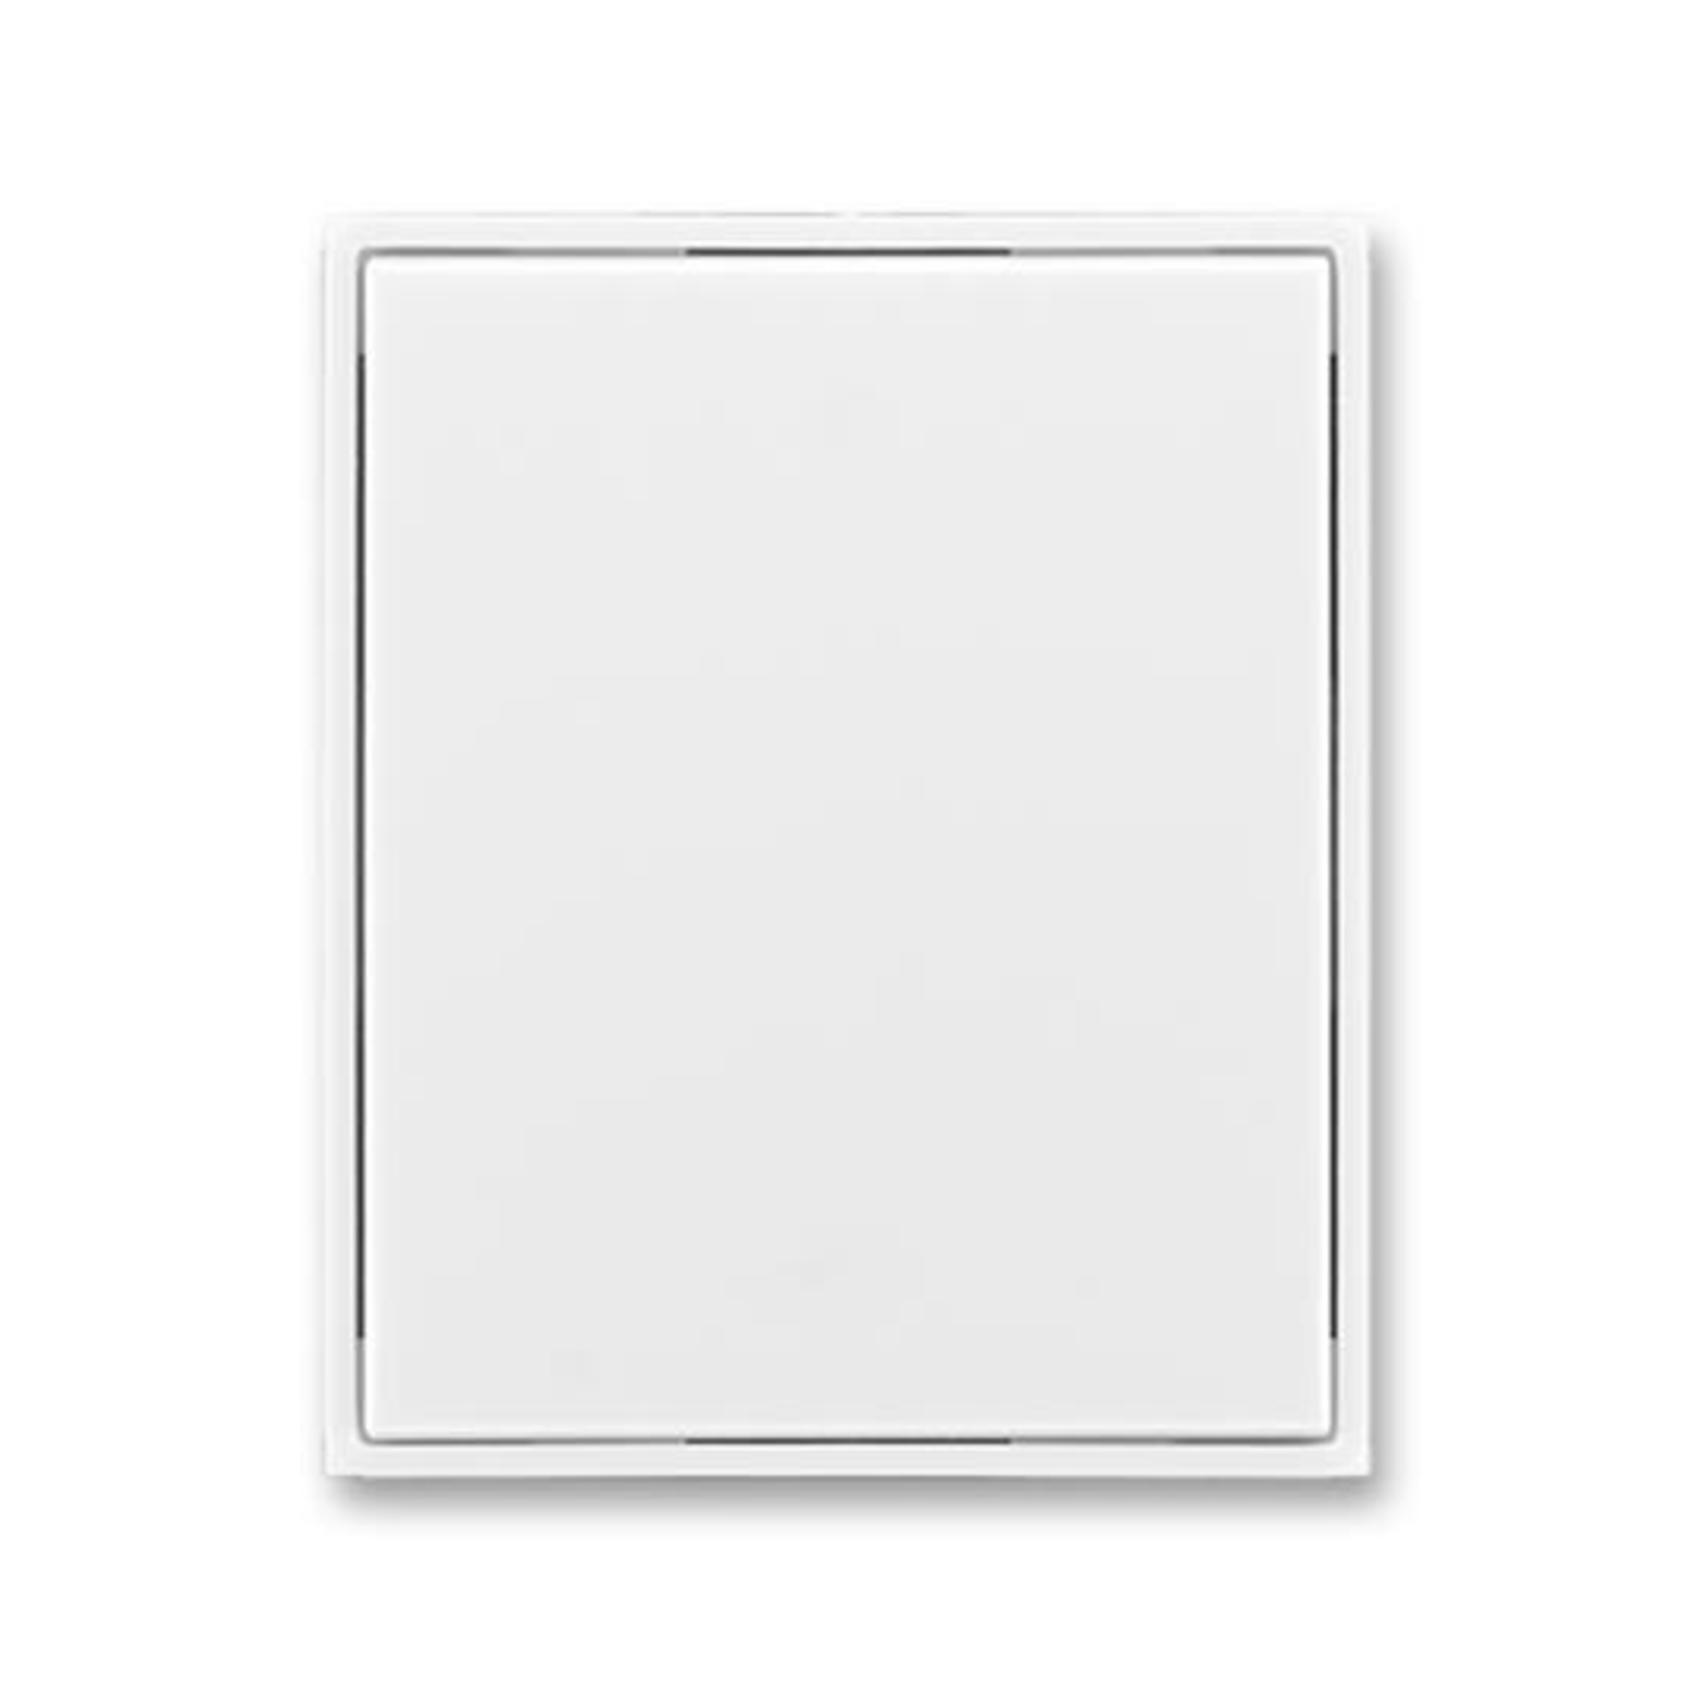 ABB 3299E-A00100 03 Element Kryt stmívače s krátkocestným ovládáním